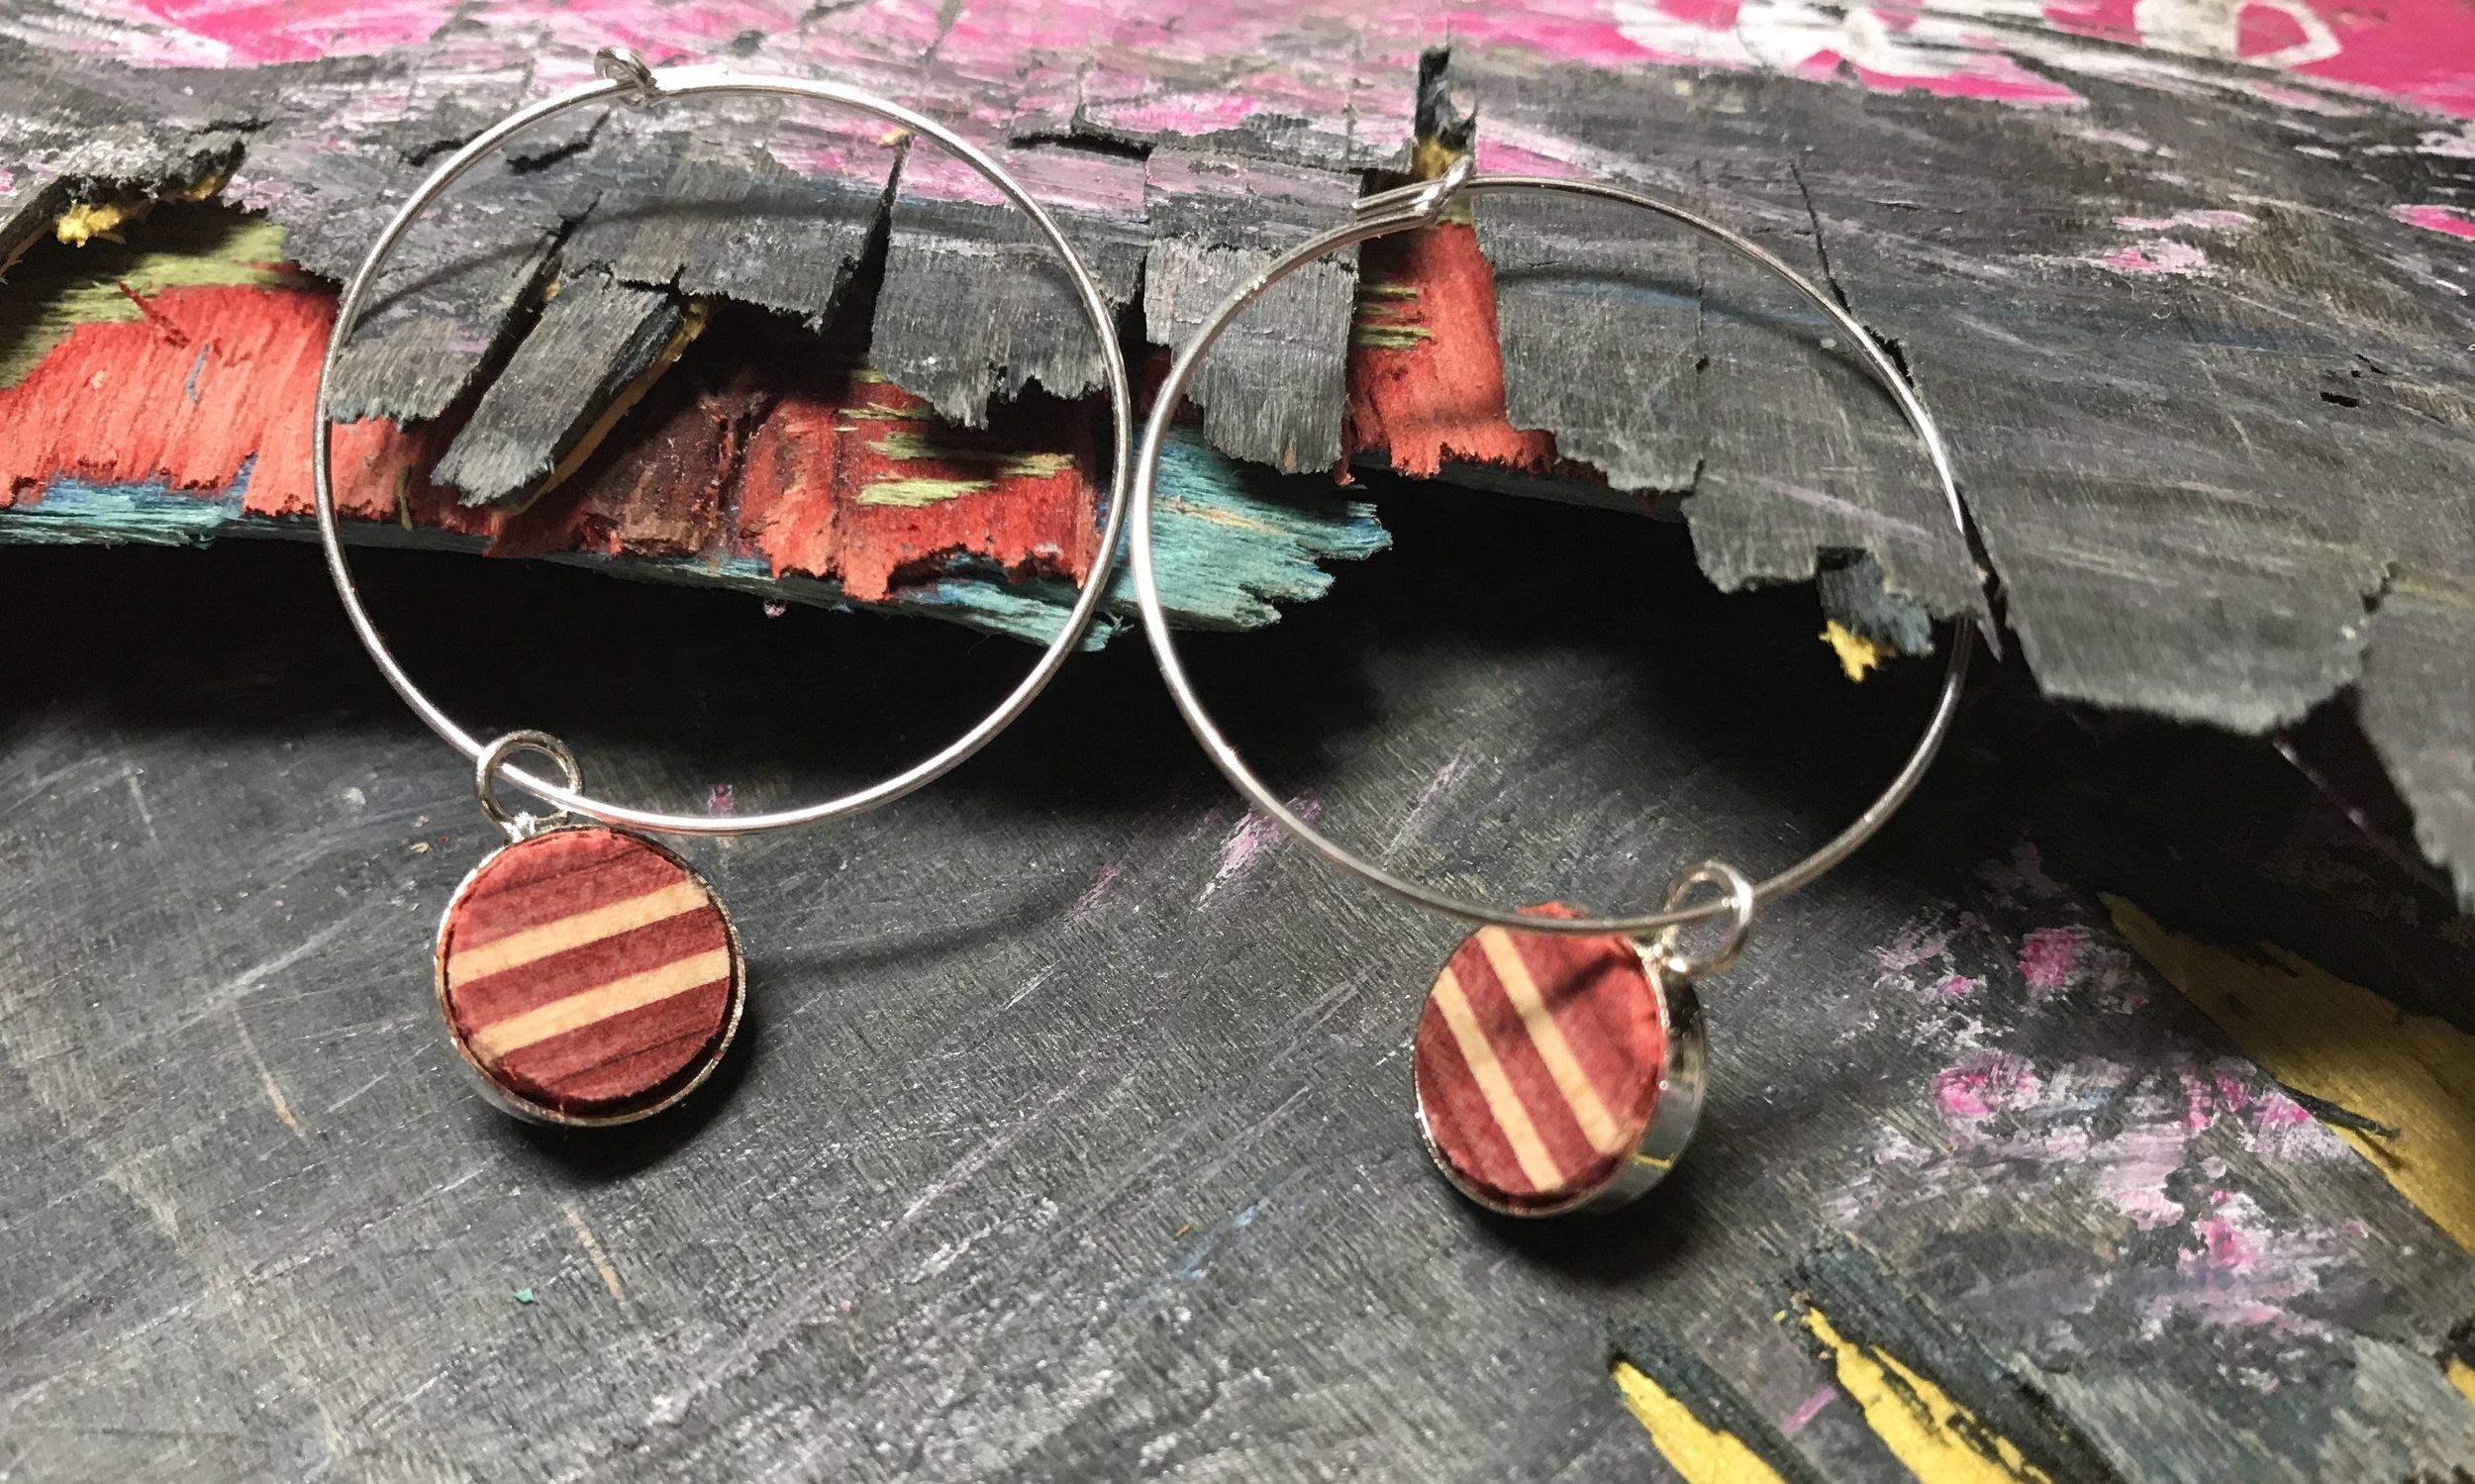 Hoop Earrings  Recycled Skateboard and Sterling Silver  1 x 1 cm, hoops 2 x 2 cm  £44